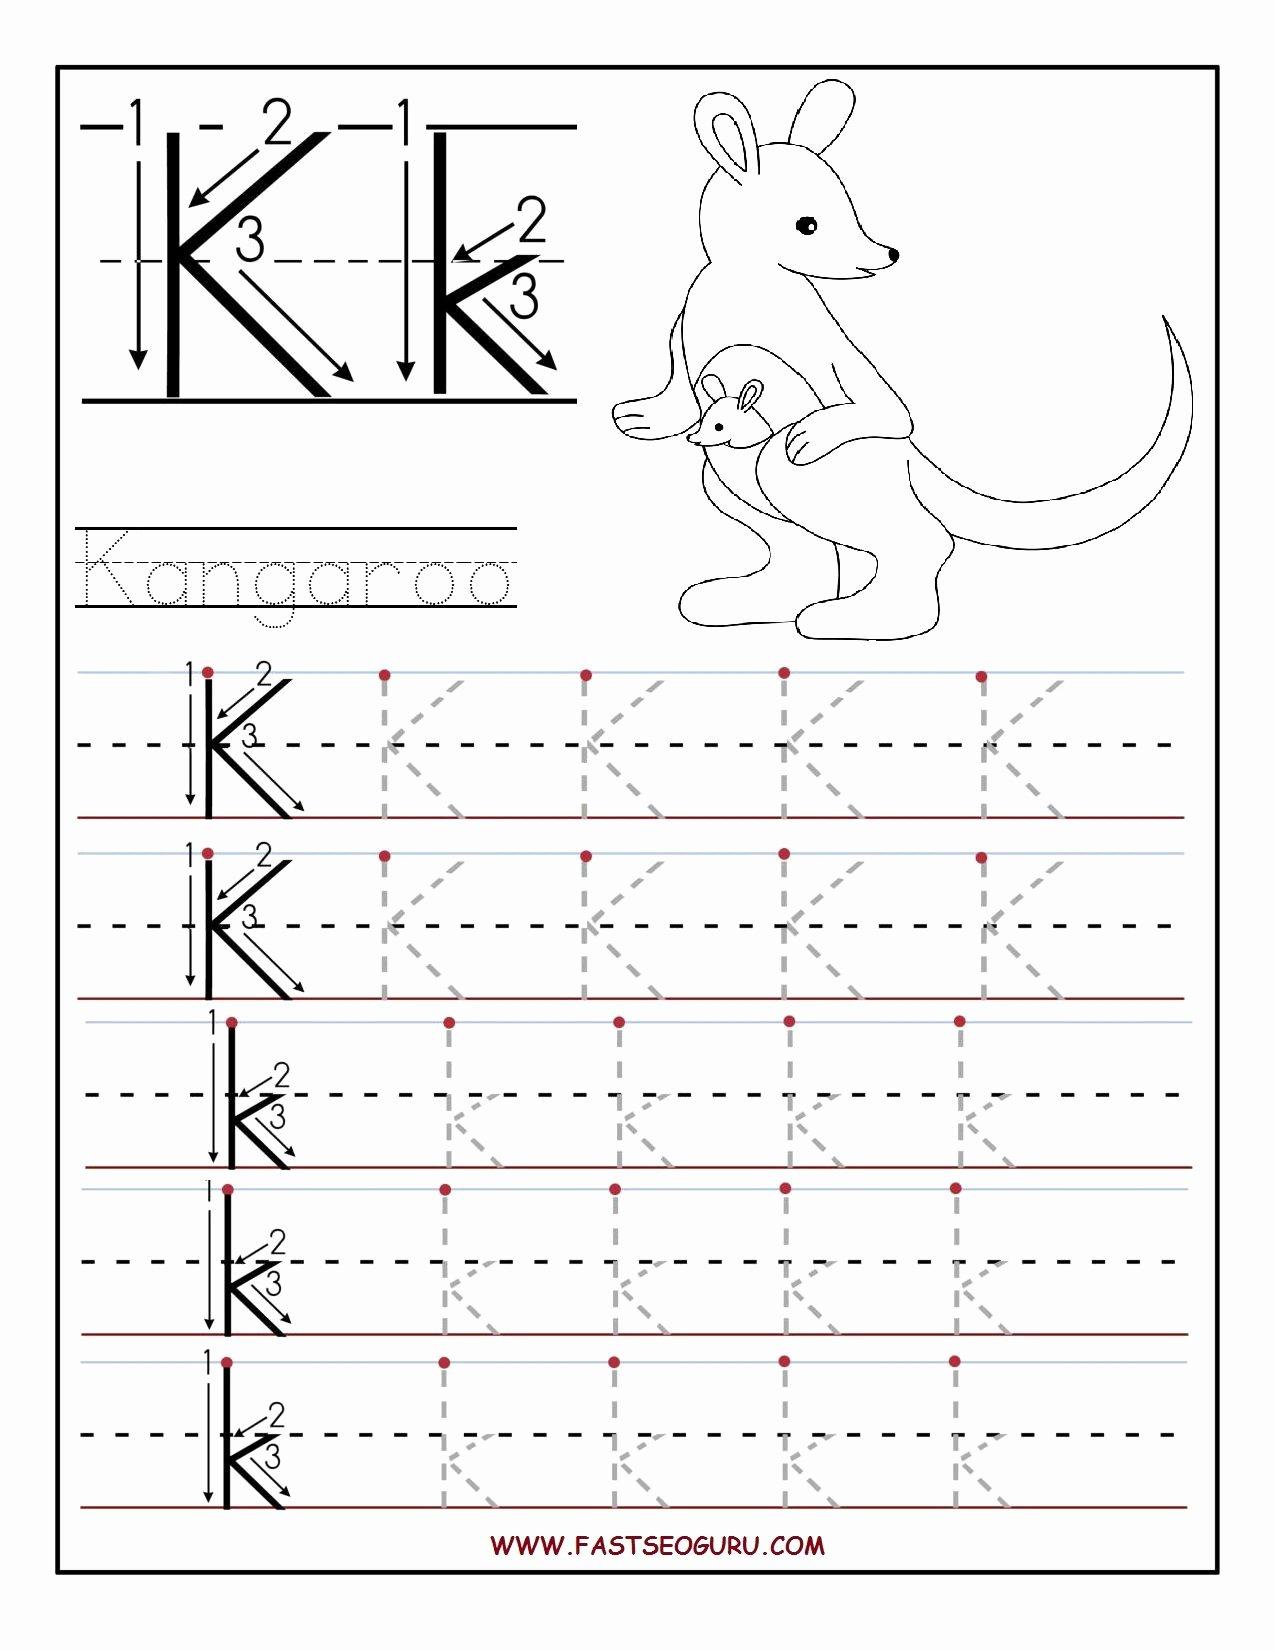 Letter K Worksheets for Preschoolers Unique Printable Letter K Tracing Worksheets for Preschool